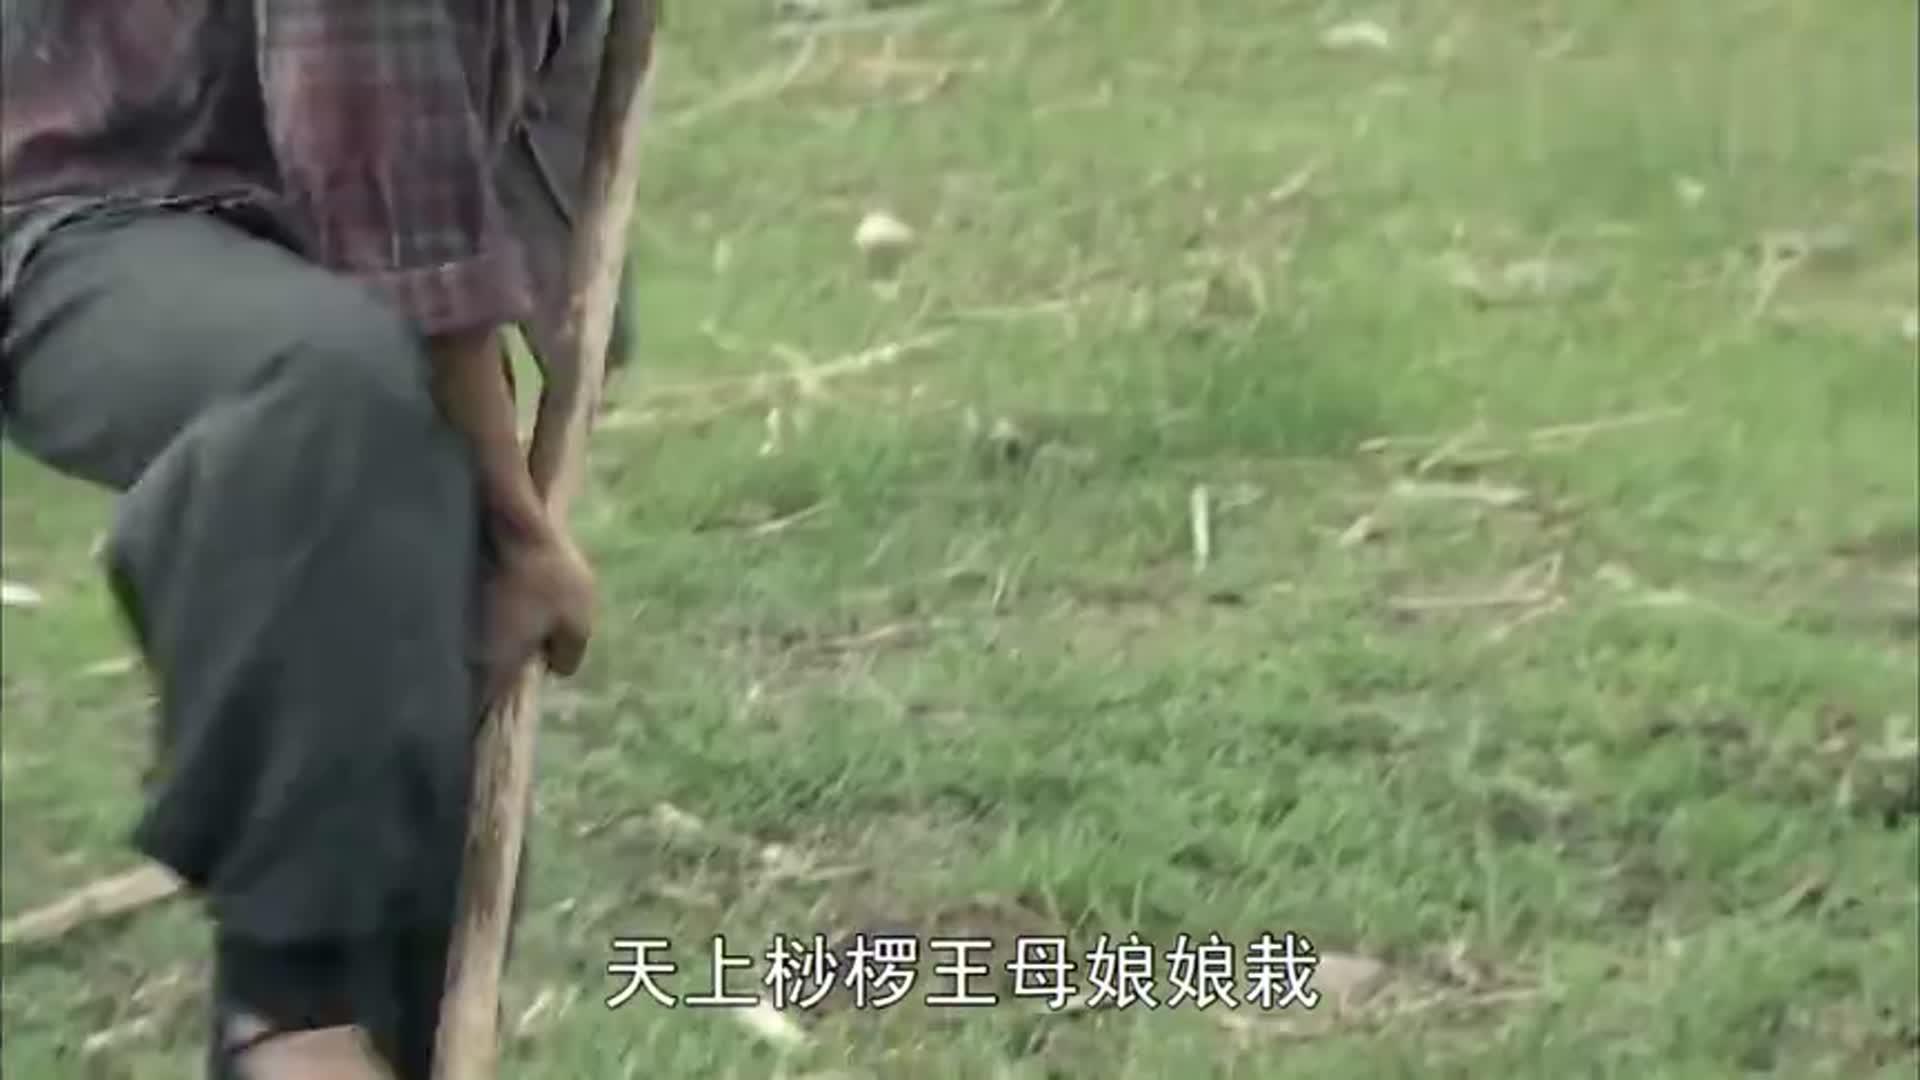 葛二蛋:二蛋真牛,动动嘴皮子,就让小舅子帮他挖坑,自己睡大觉